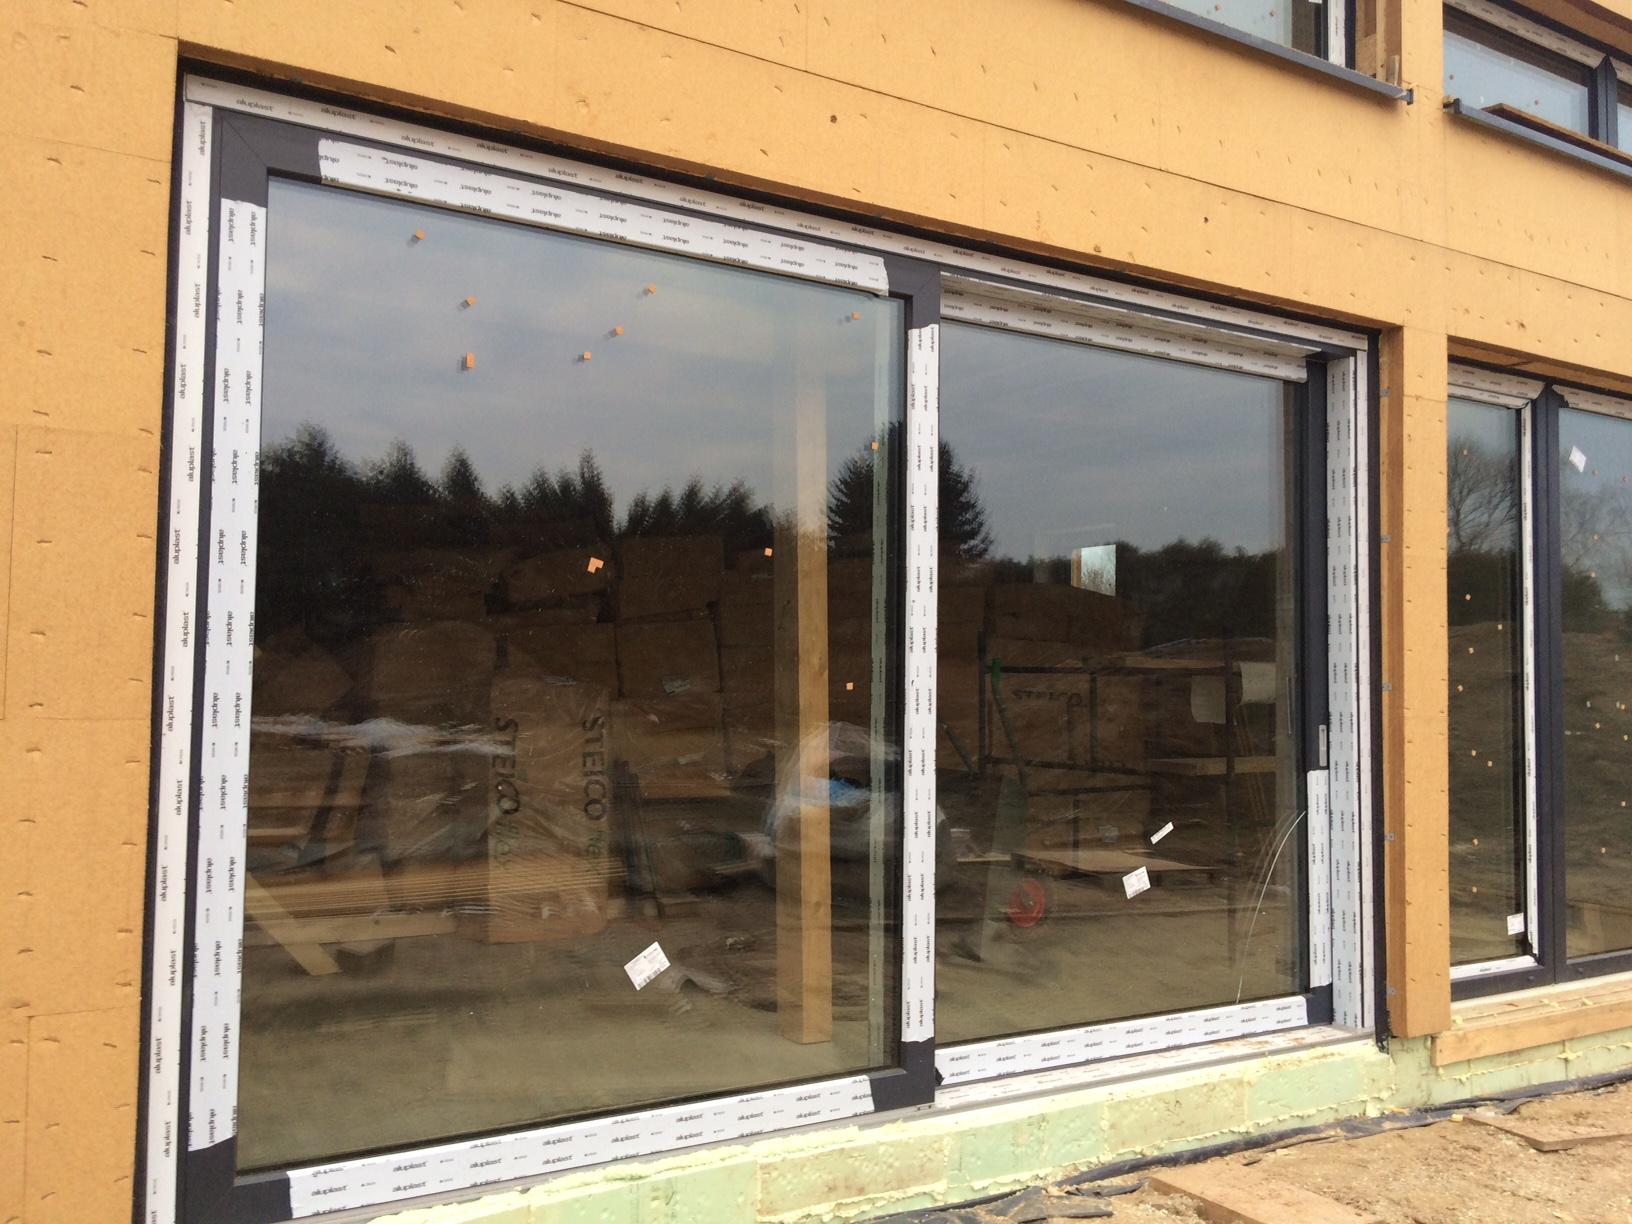 Drzwi balkonowe HST Passiv 85 zainstalowane w budynku o szkieletowej konstrukcji drewnianej STEICO